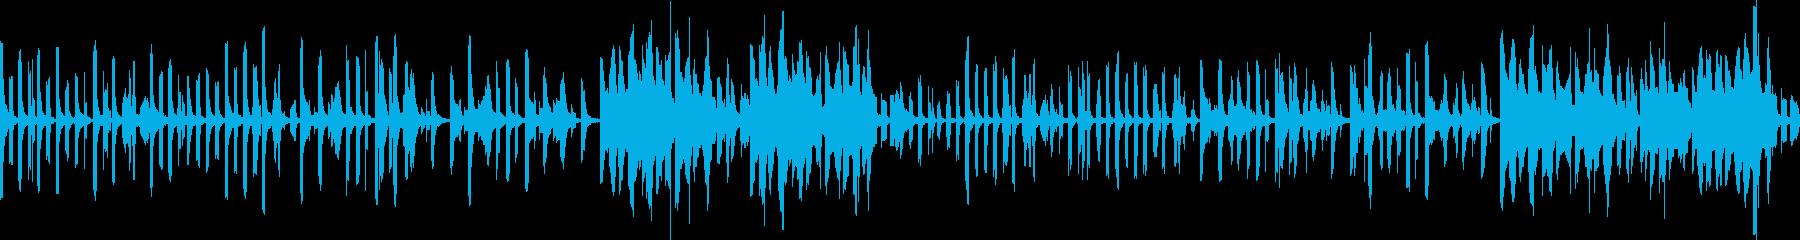 調子の外れたコミカルでかわいい曲 ループの再生済みの波形